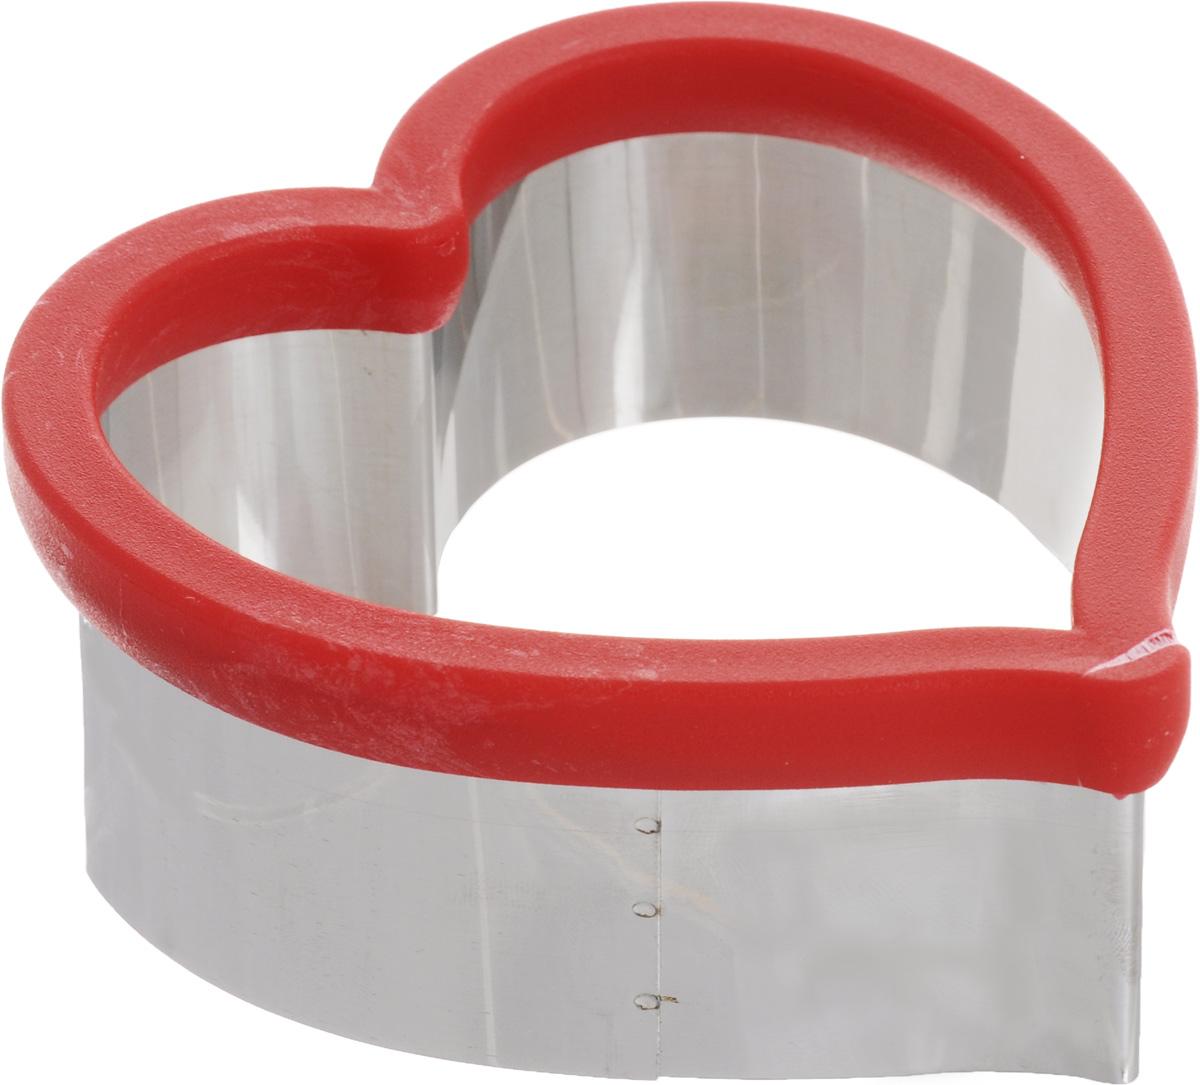 Форма для вырезания печенья Mayer & Boch Сердце, 11 х 10 см24004Форма для вырезания печенья Mayer & BochСердце будет отличным выбором для всехлюбителей выпечки. Изделие выполнено изнержавеющей стали и пластика. Специальнаянасадка на формочке защитит ваши руки привырезании теста.С такой формой вы всегда сможете порадоватьсвоих близких оригинальной выпечкой.Можно мыть в посудомоечной машине. Размер: 11 х 10 см. Высота стенок: 4,5 см.